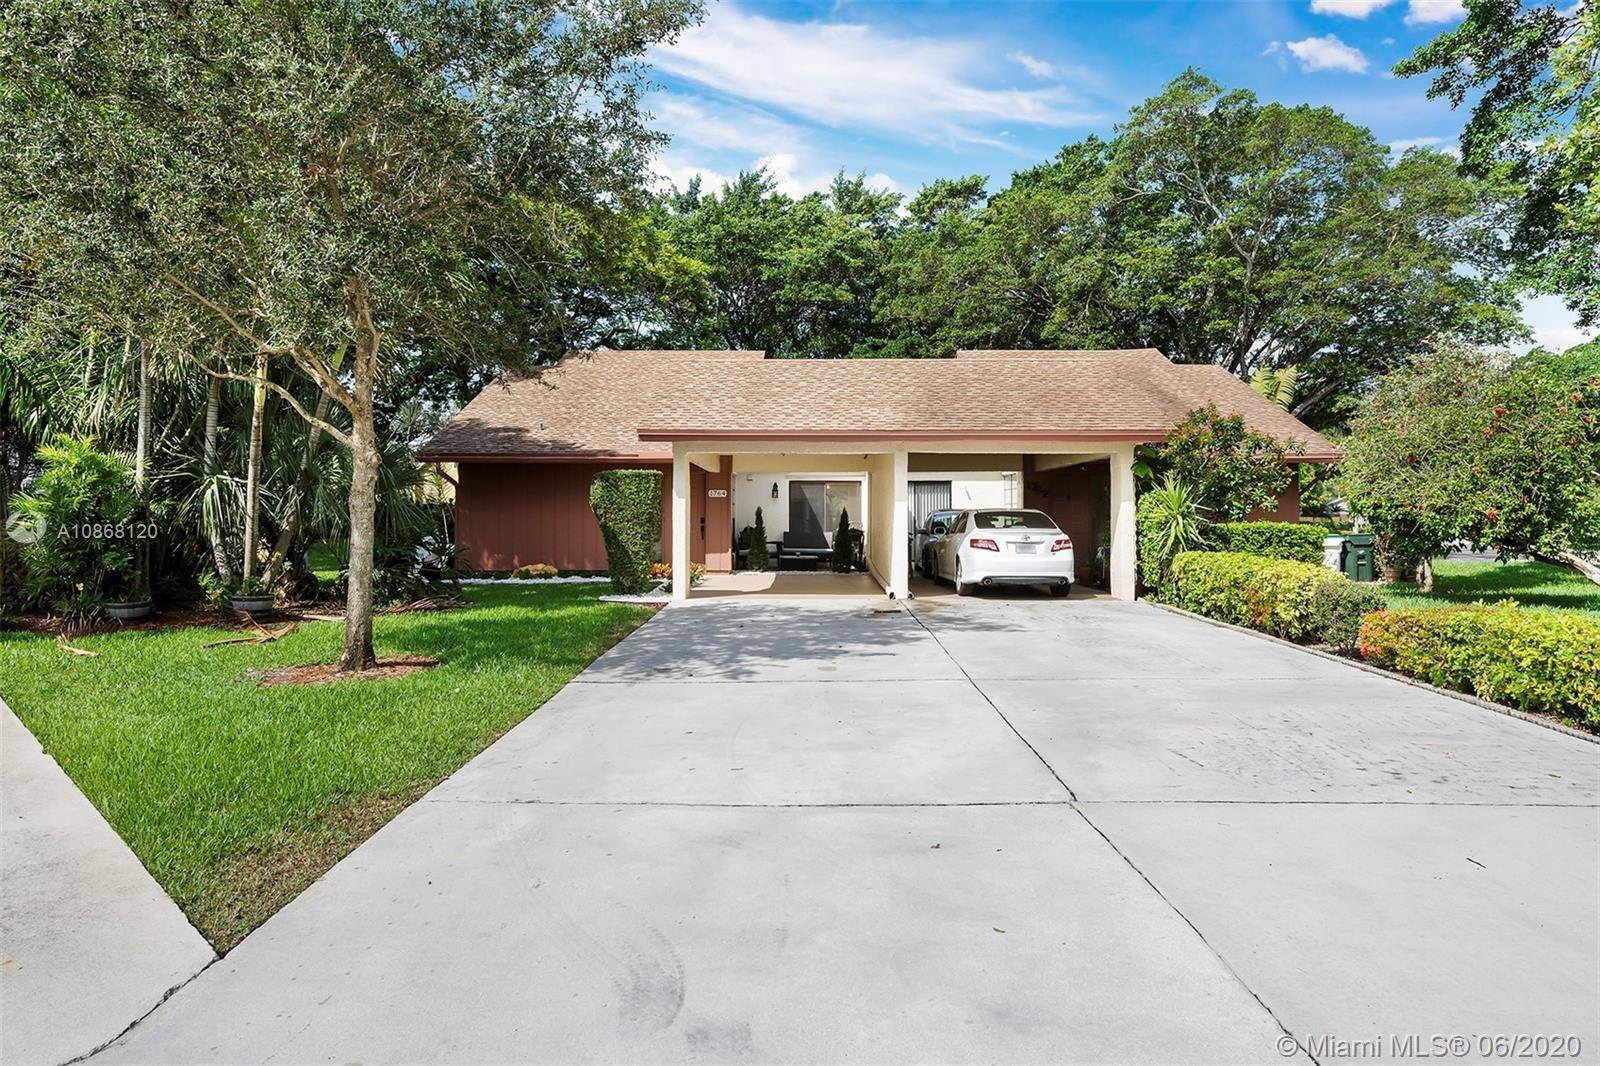 1764 Maplewood Cir #1764, Coconut Creek, FL 33063 - #: A10868120